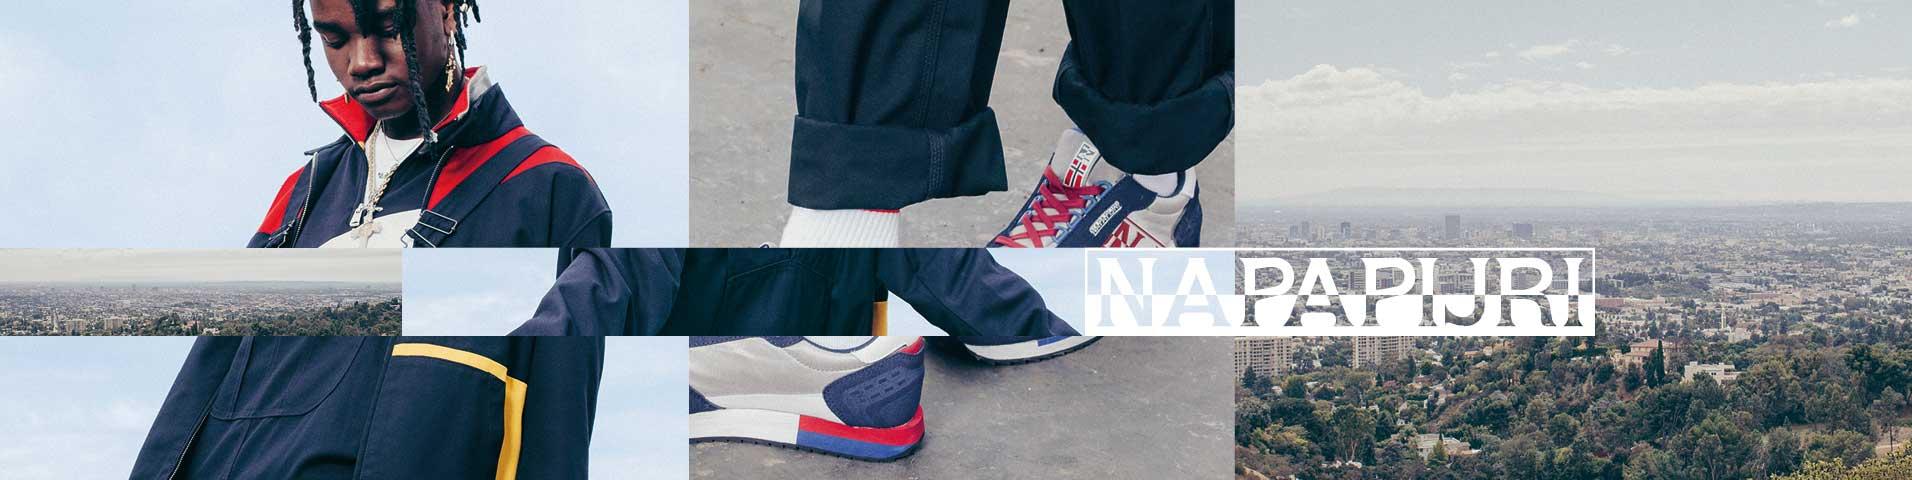 051c0b946ad81 Stylowe i wygodne buty męskie Napapijri . Najnowsze kolekcje obuwia ...